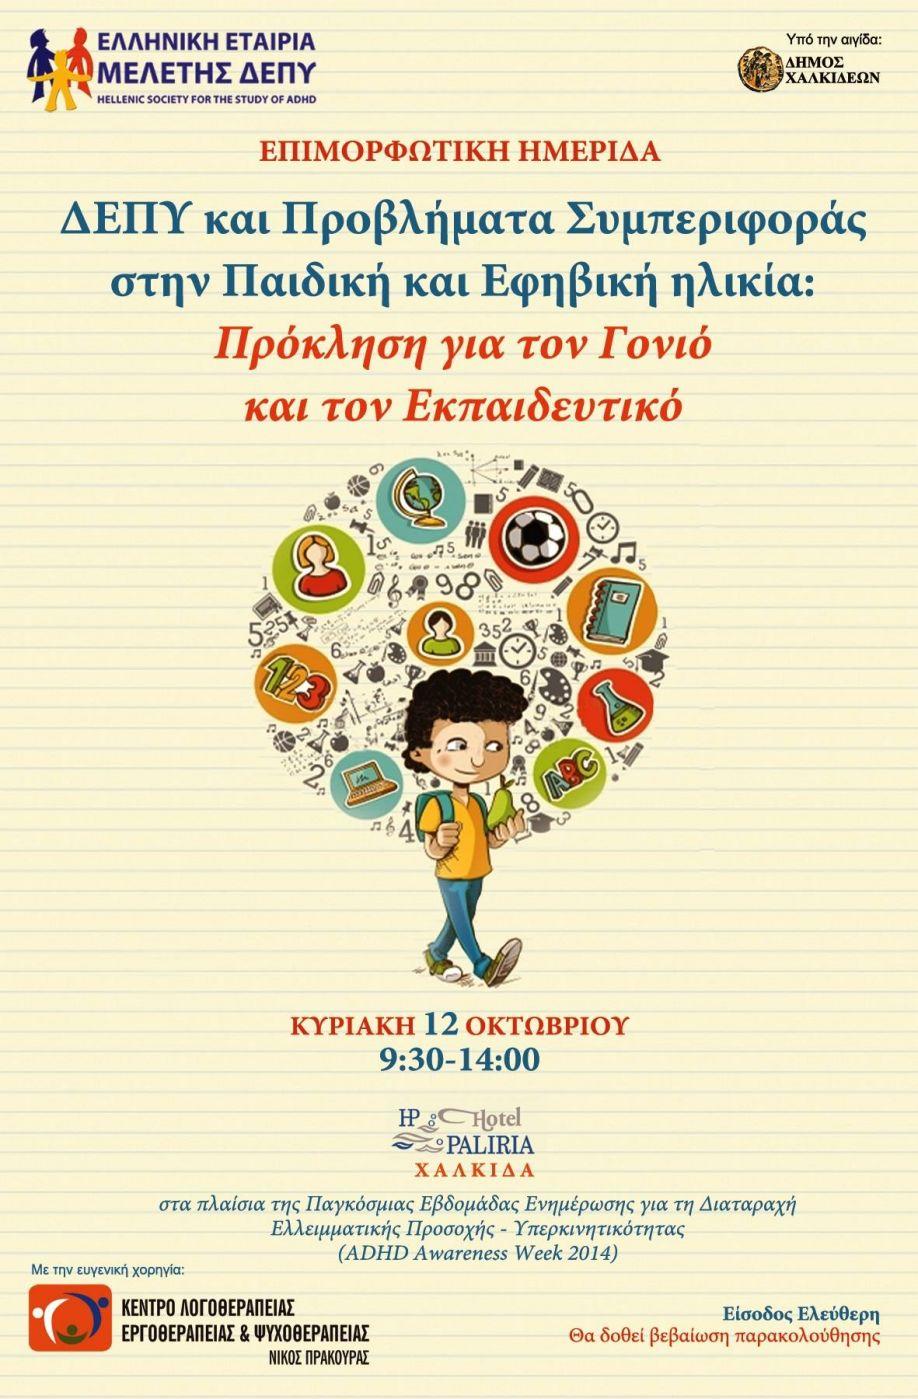 """Χαλκίδα: Ημερίδα """"ΔΕΠΥ και προβλήματα συμπεριφοράς στην παιδική και εφηβική ηλικία: Πρόκληση για το γονιό και τον εκπαιδευτικό"""""""